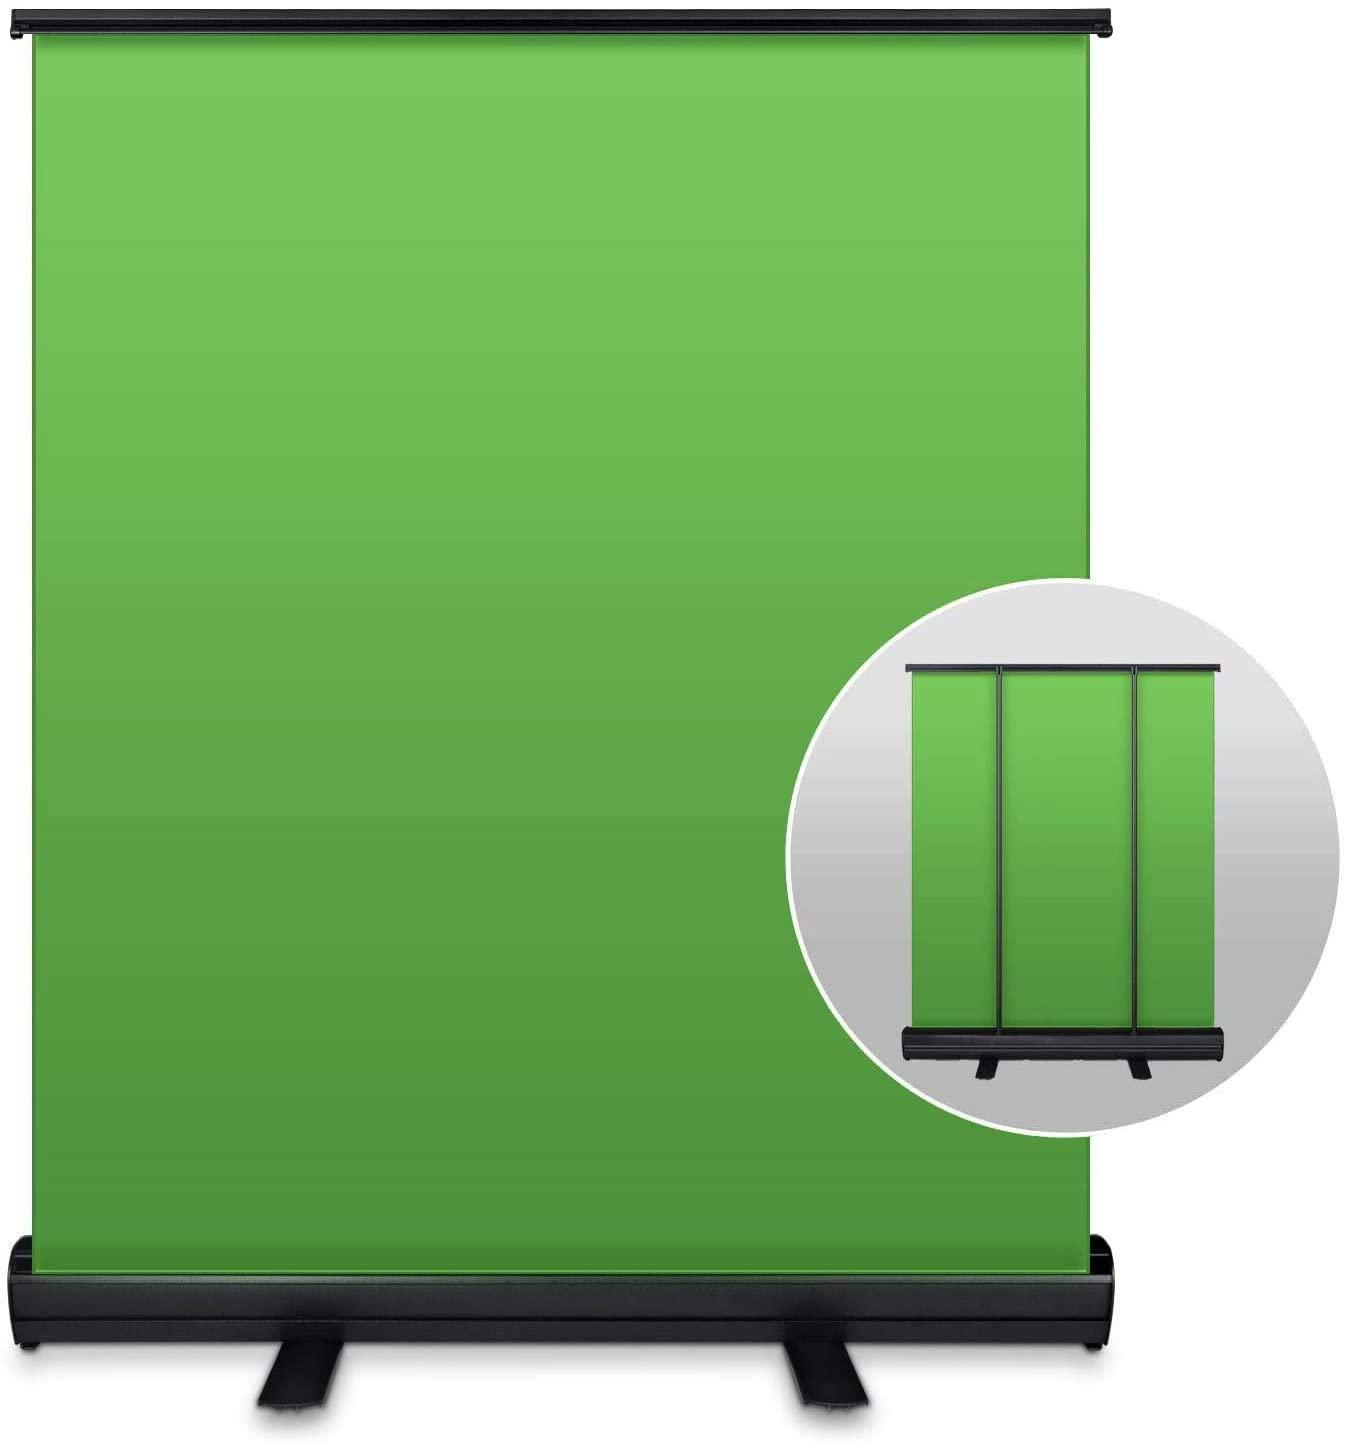 YISITONG 사진 녹색 화면 배경 5 피트 (W) X 6.6 피트 (H) 접이식 크로마 키 패널 배경 휴대용 풀 업 주름 방지 그린 스크린 배경 사진 라이브 게임 TIKTOK 비디오